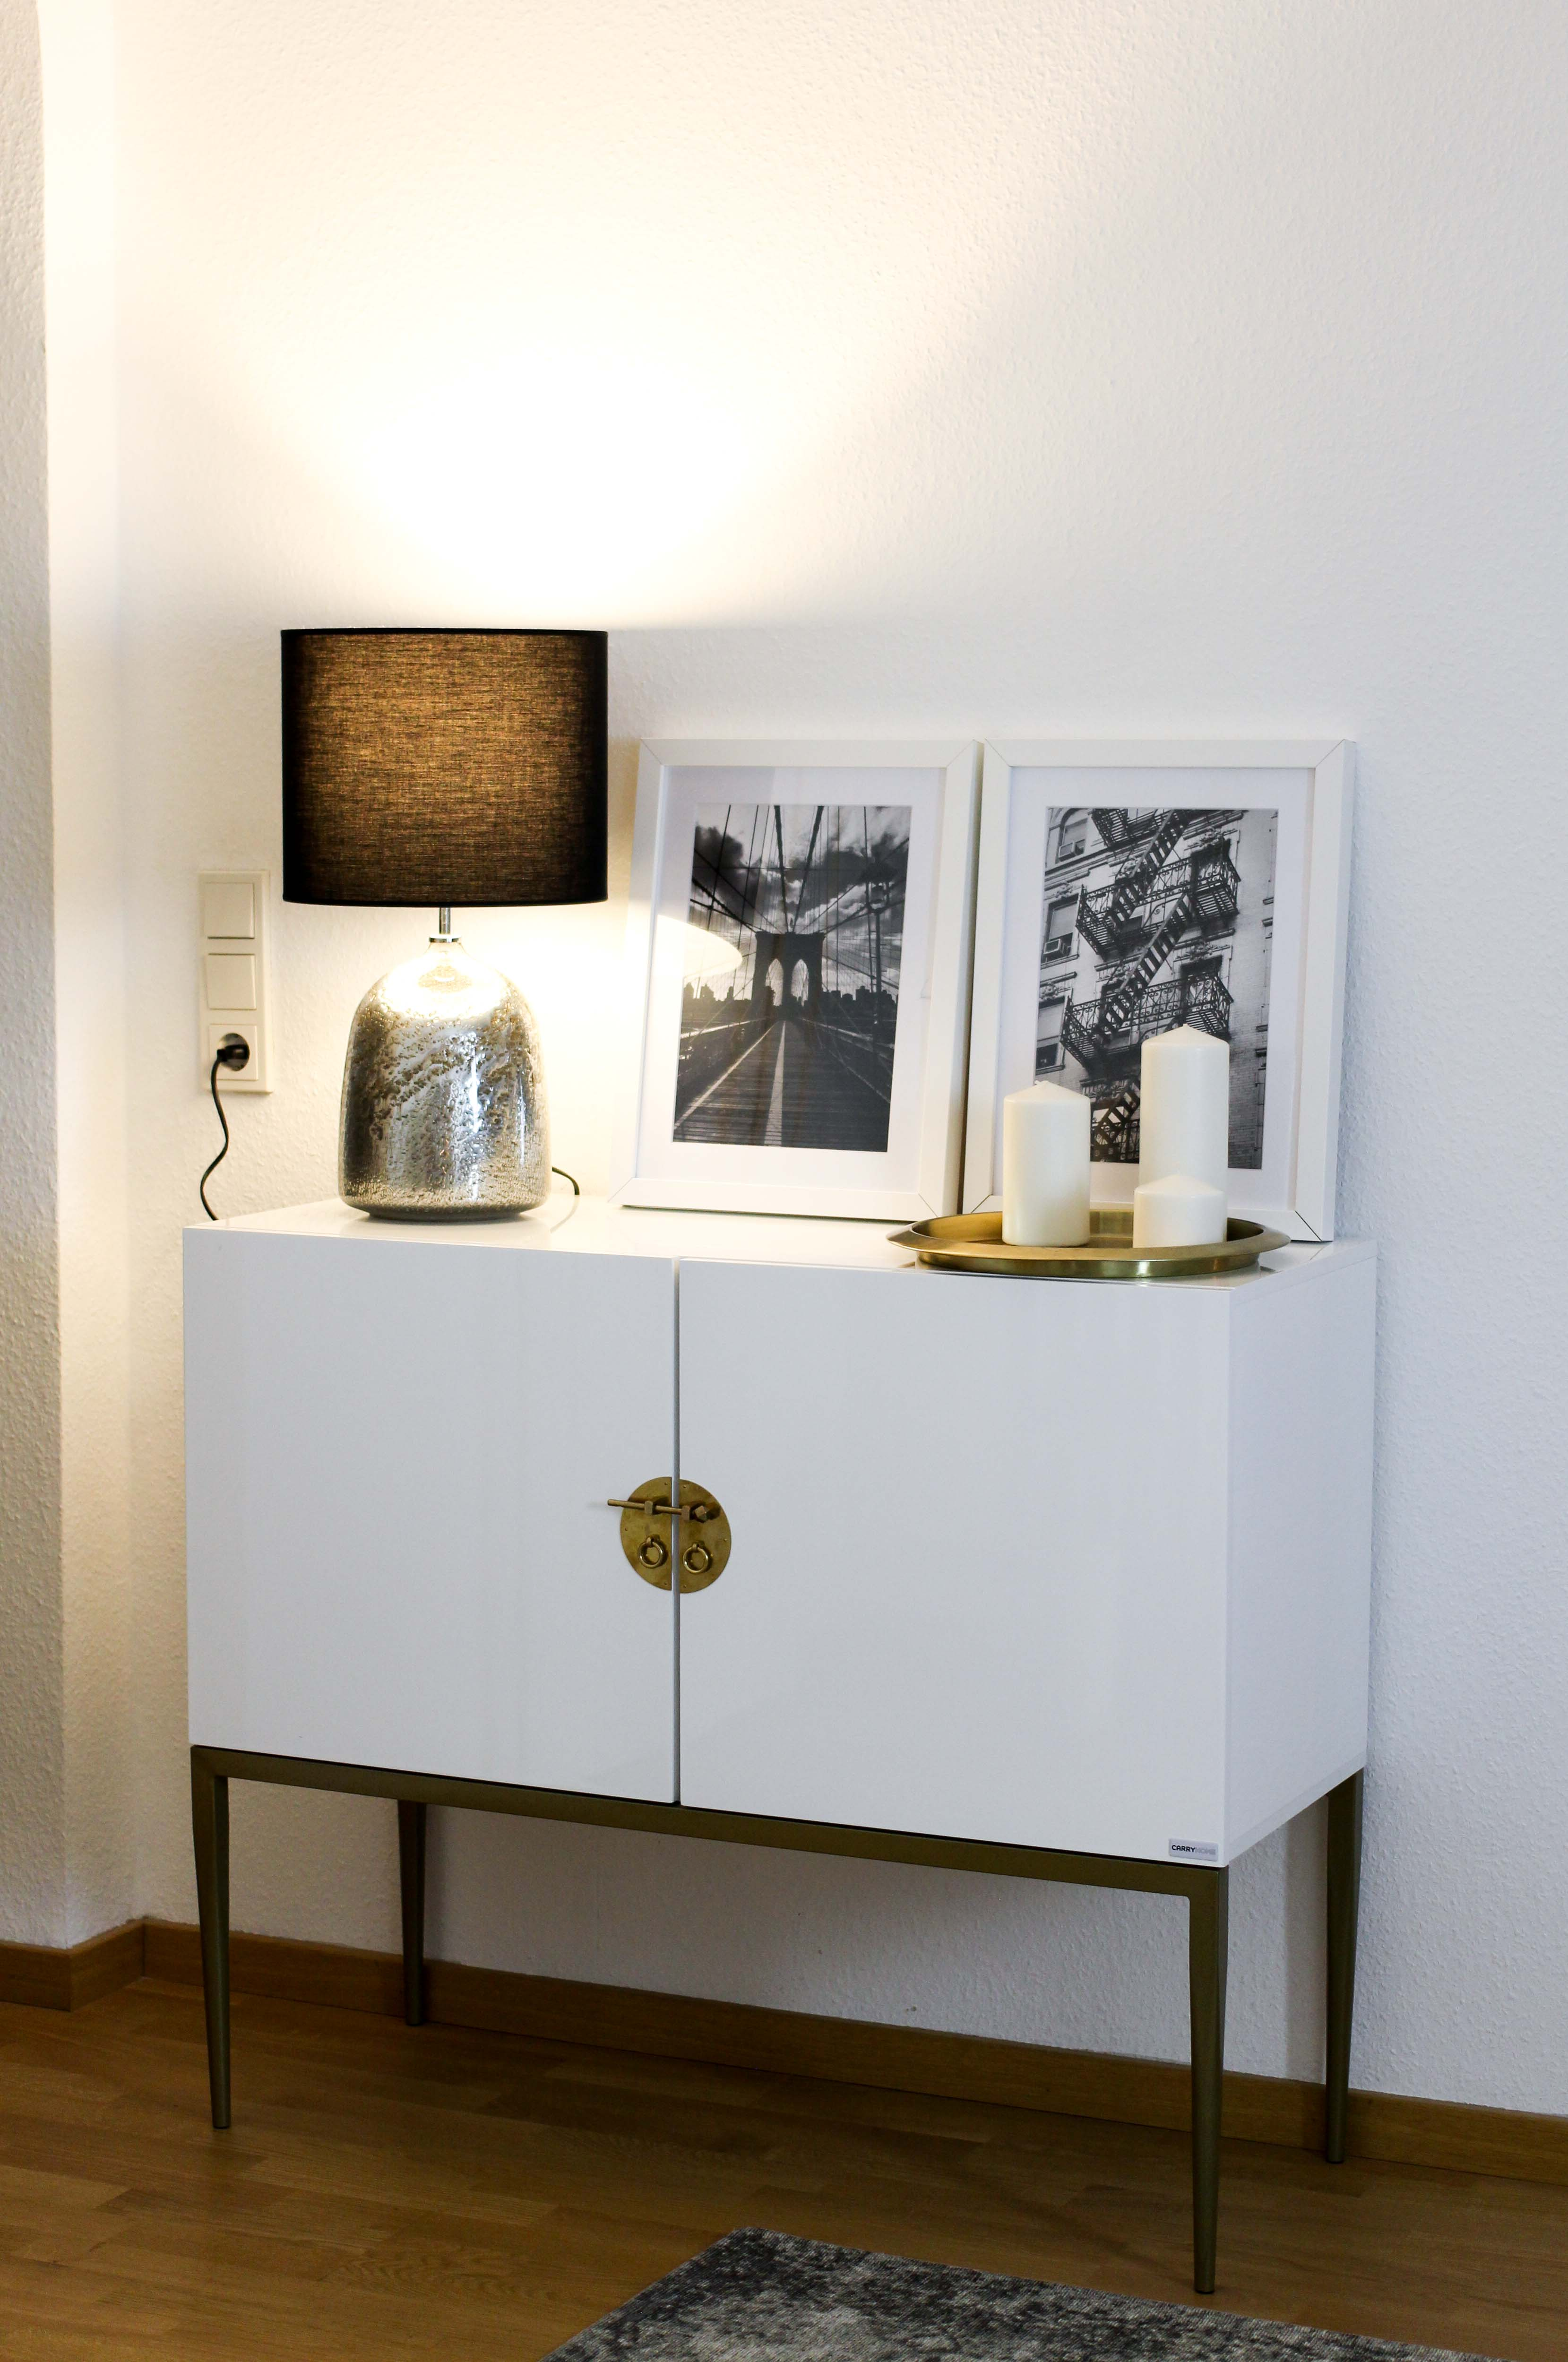 Interior Blogger Flur gestalten Möbel Motive Pixers Motive New York Schwarz Weiß minimalistisch Kommode weiß Gold 2